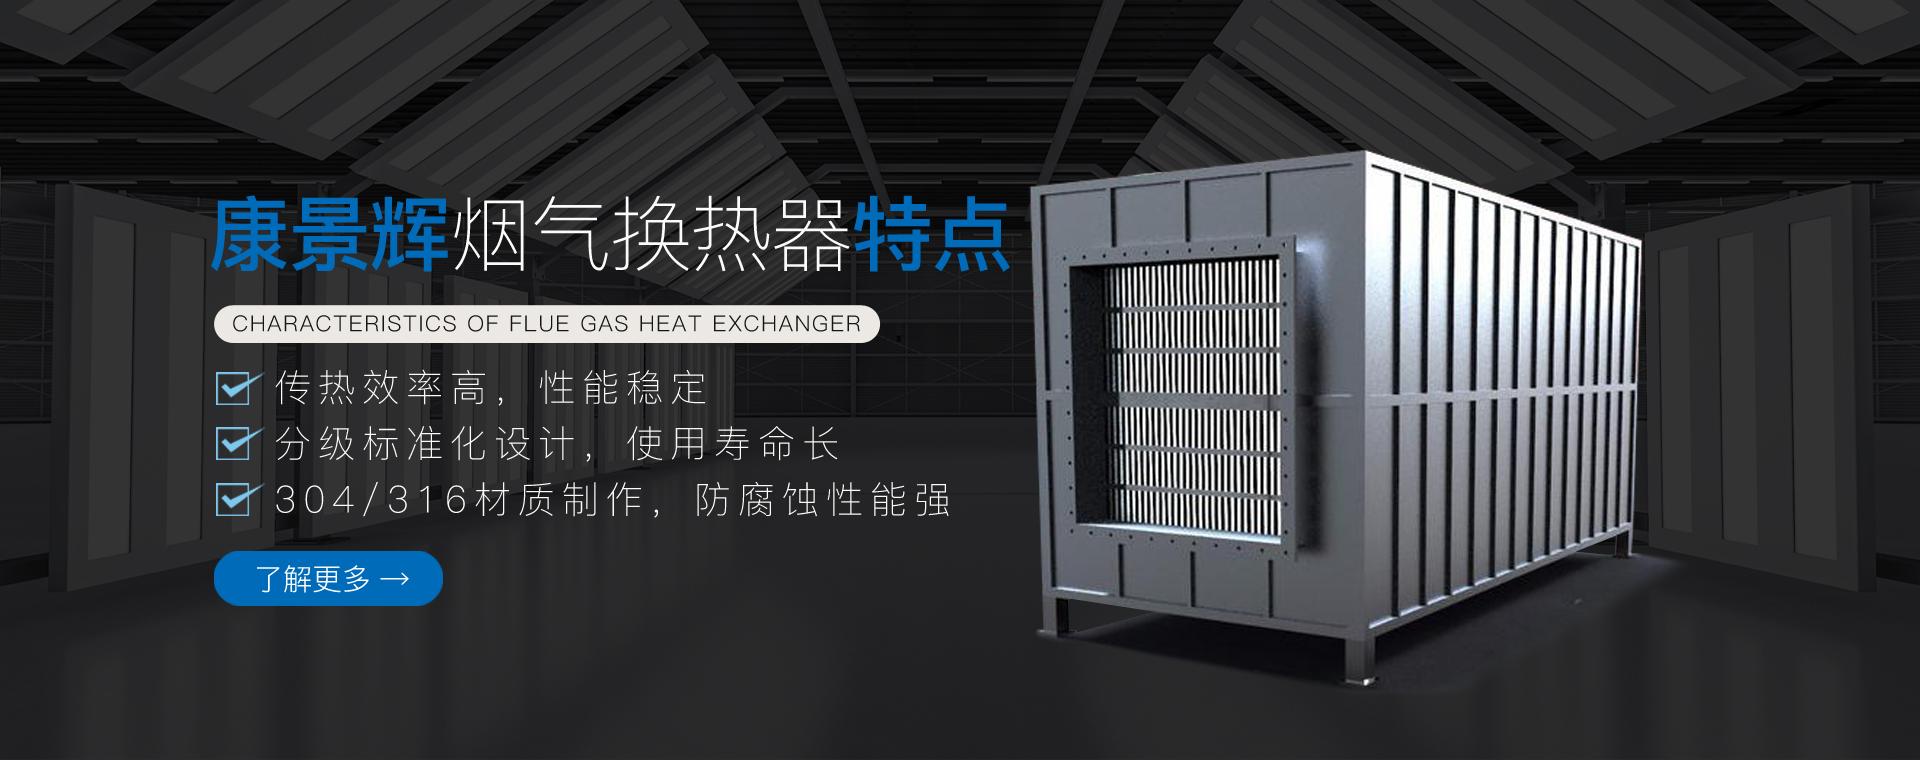 烟气换热器技术优势